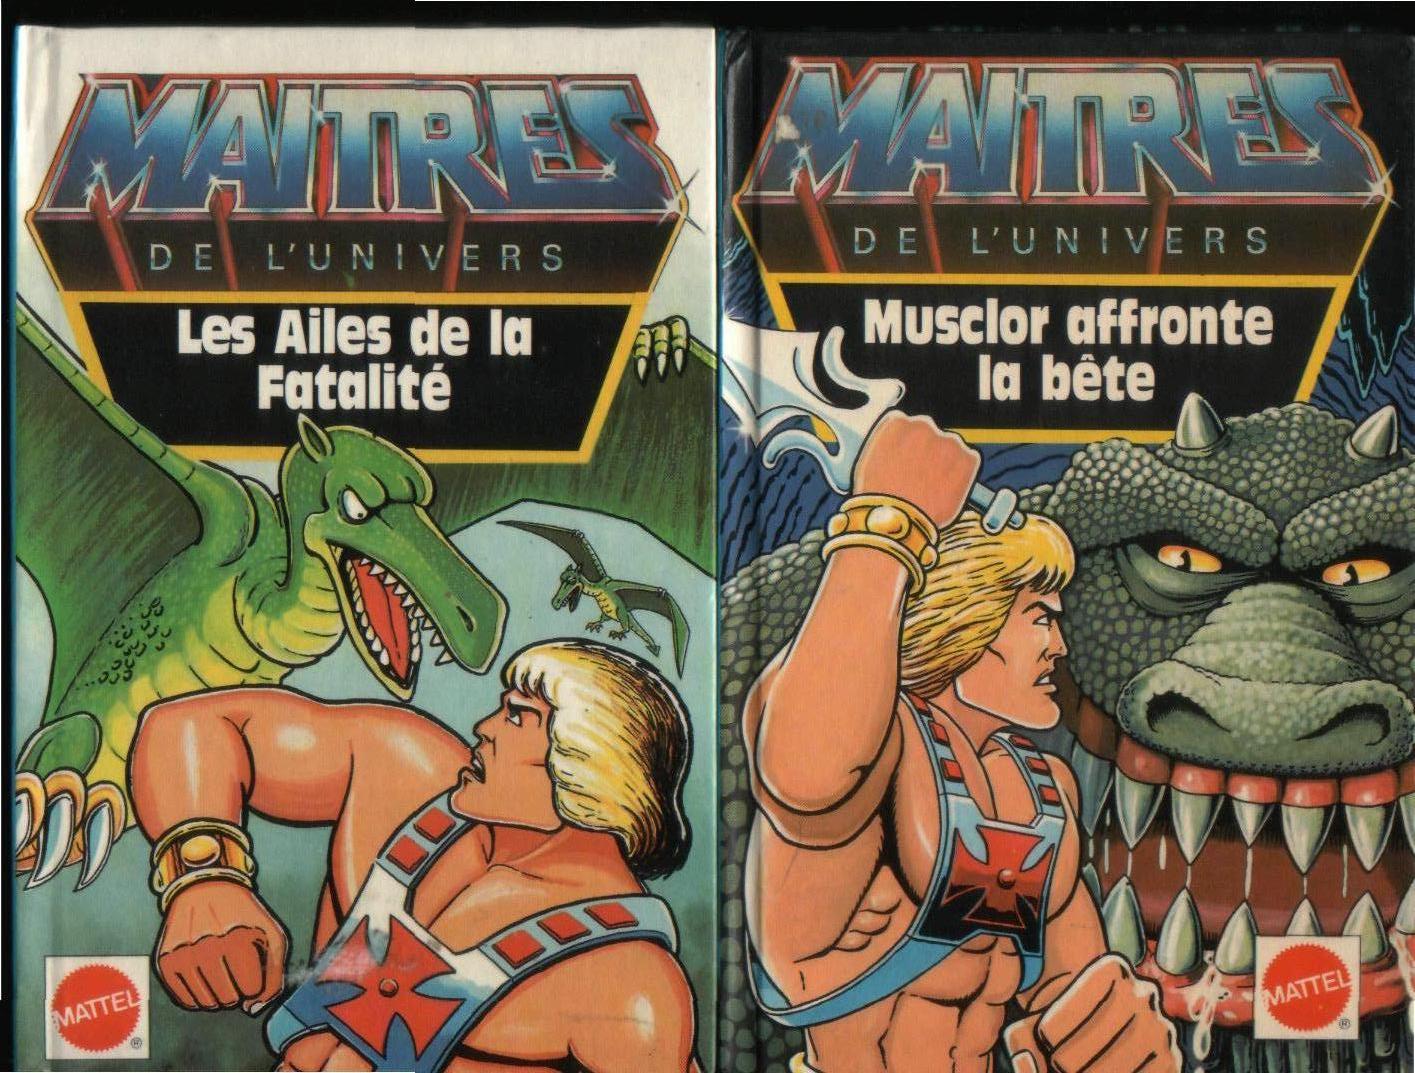 MASTERS OF THE UNIVERSE/Maîtres de l'univers (Mattel) 1982 - Page 24 805265musclor1